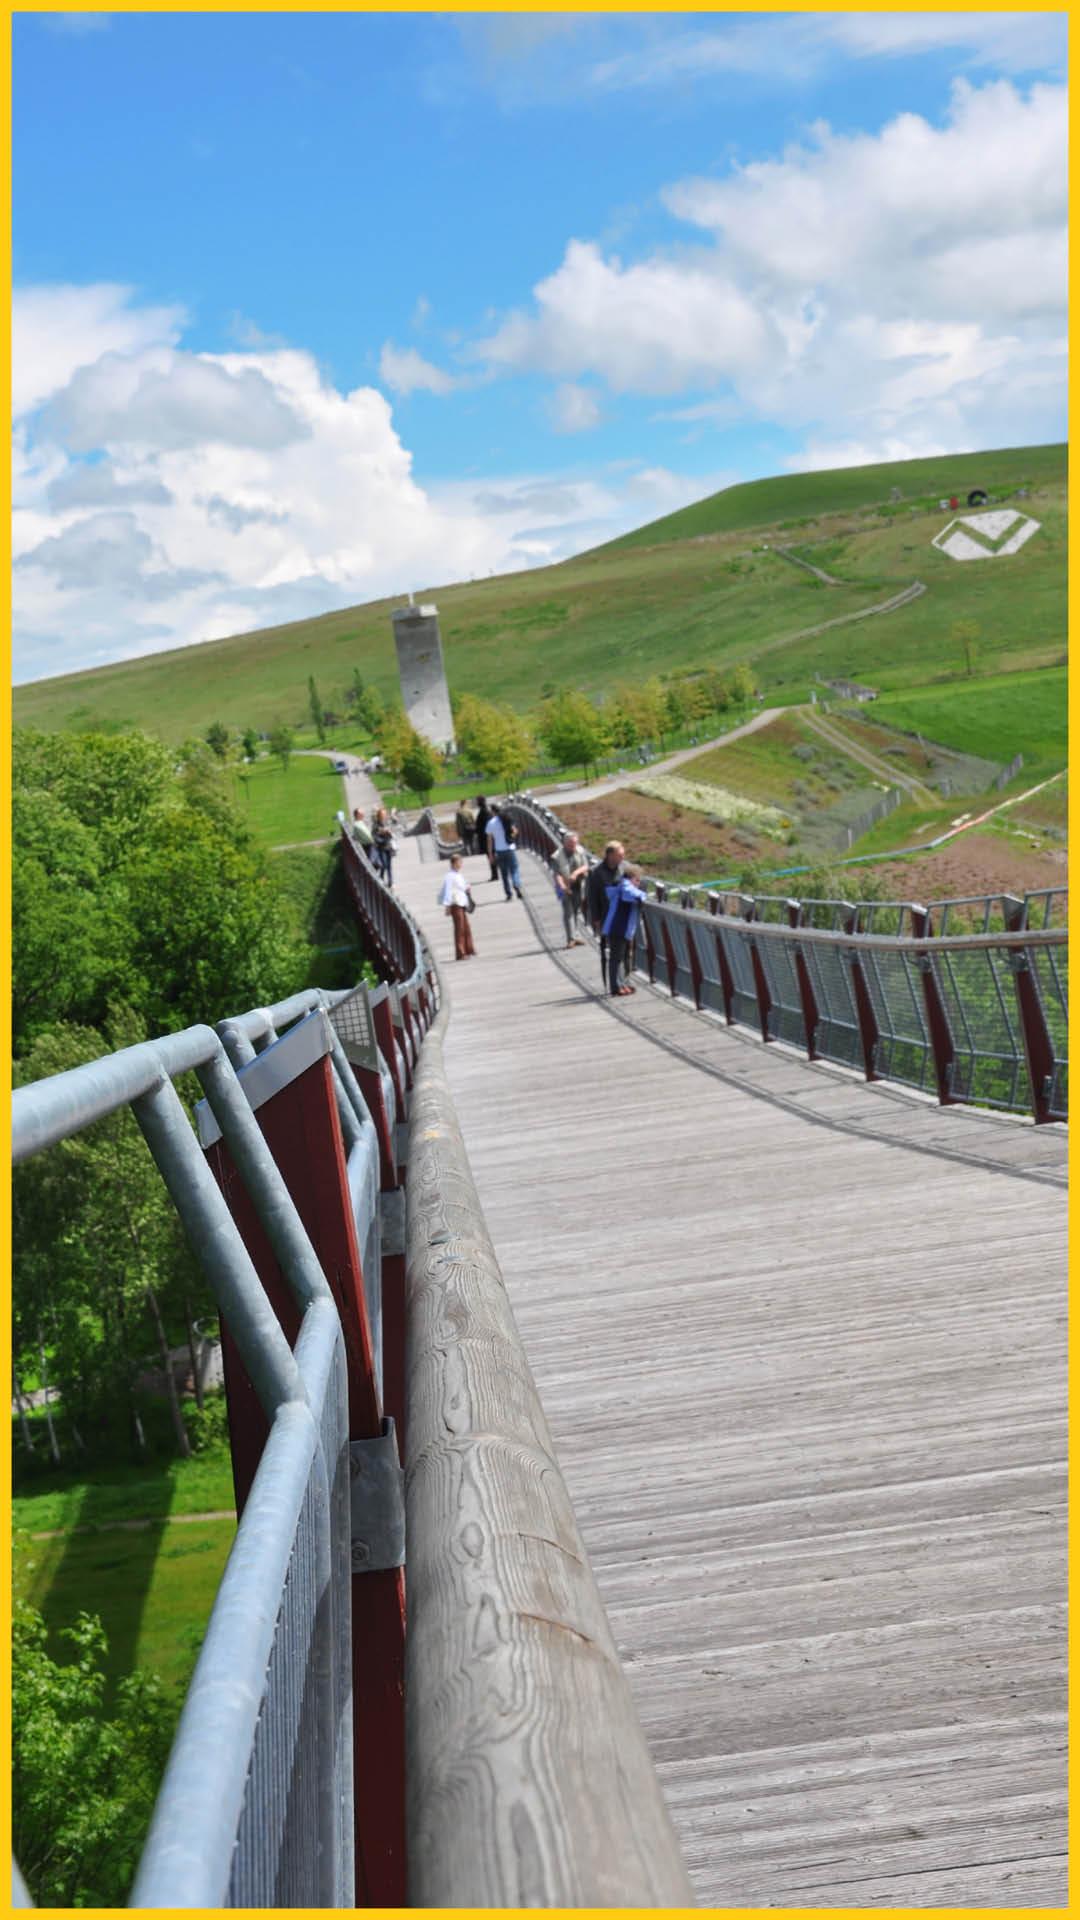 Blick über die 225 m lange Drachenschwanzbrücke in Ronneburg auf die grünen Wiesen entlang dem Radweg Thüringer Städtekette durchgeführt vom Werra Bikes